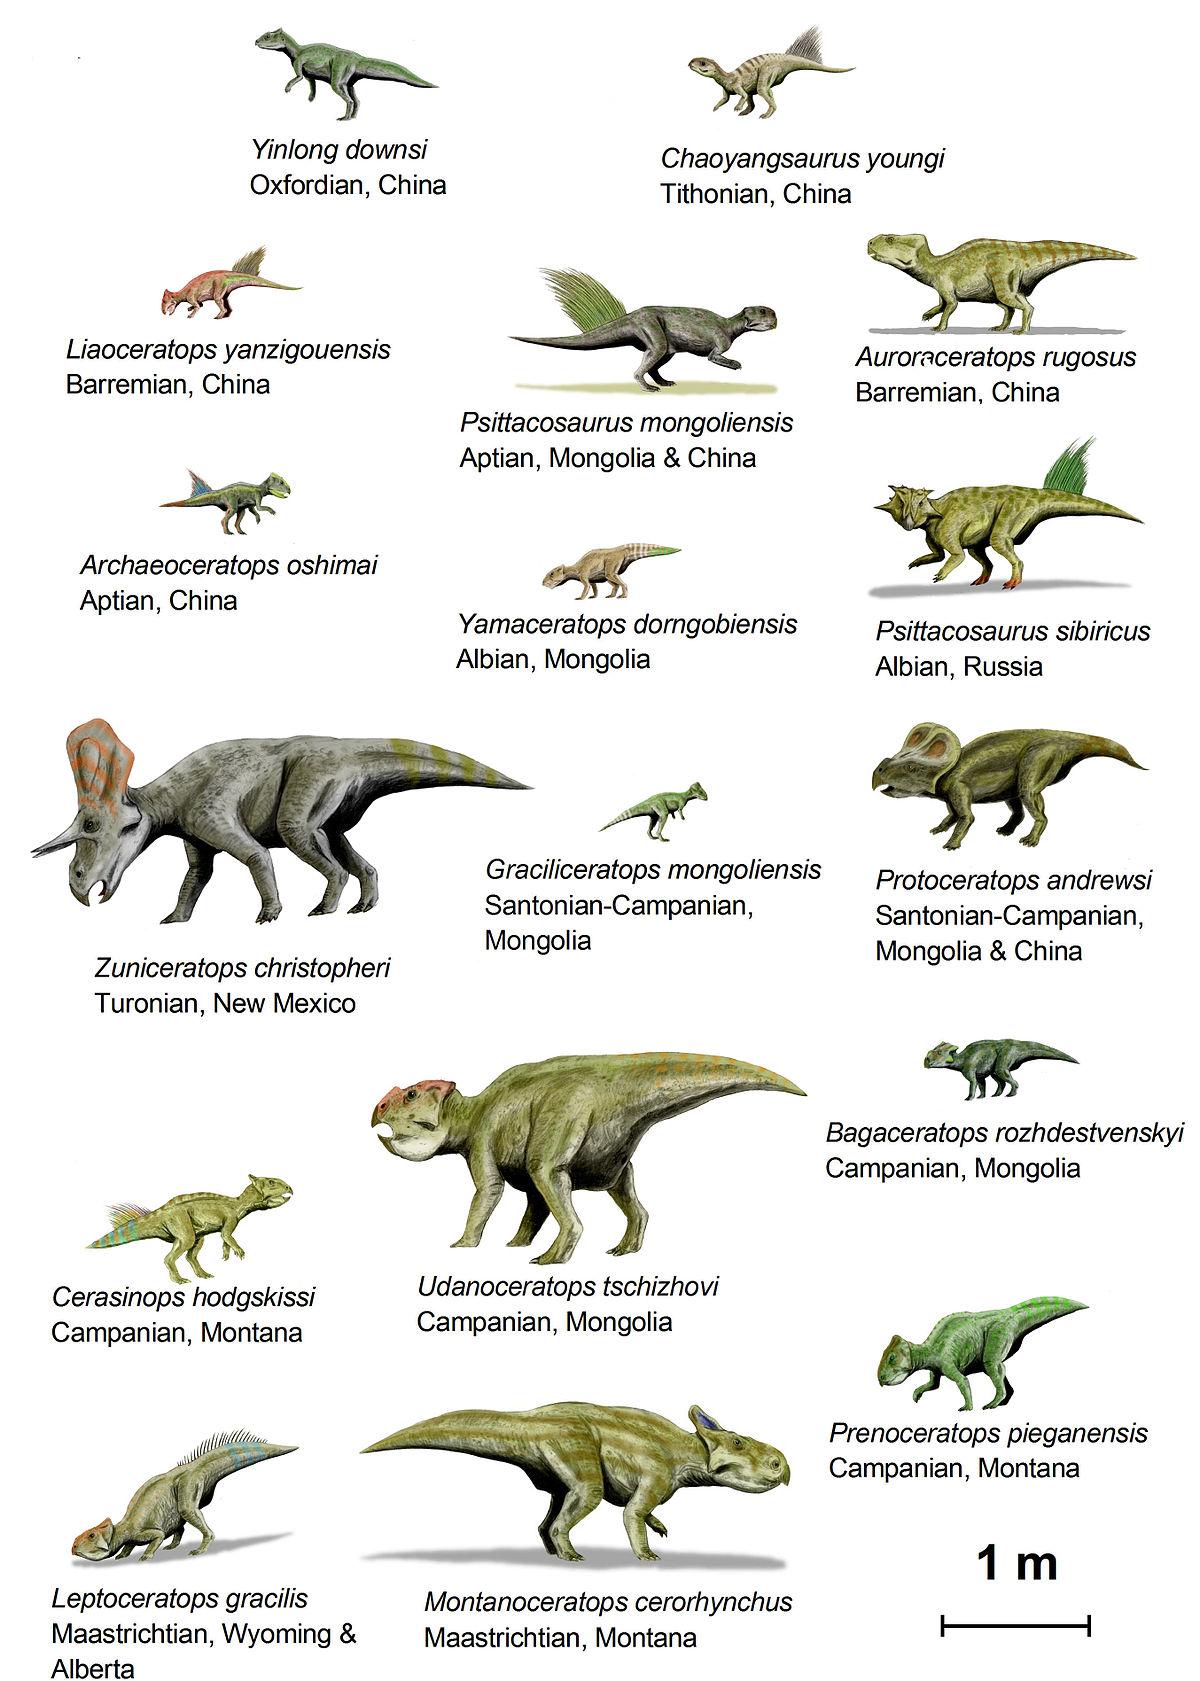 Цератопсы (инфраотряд динозавров)